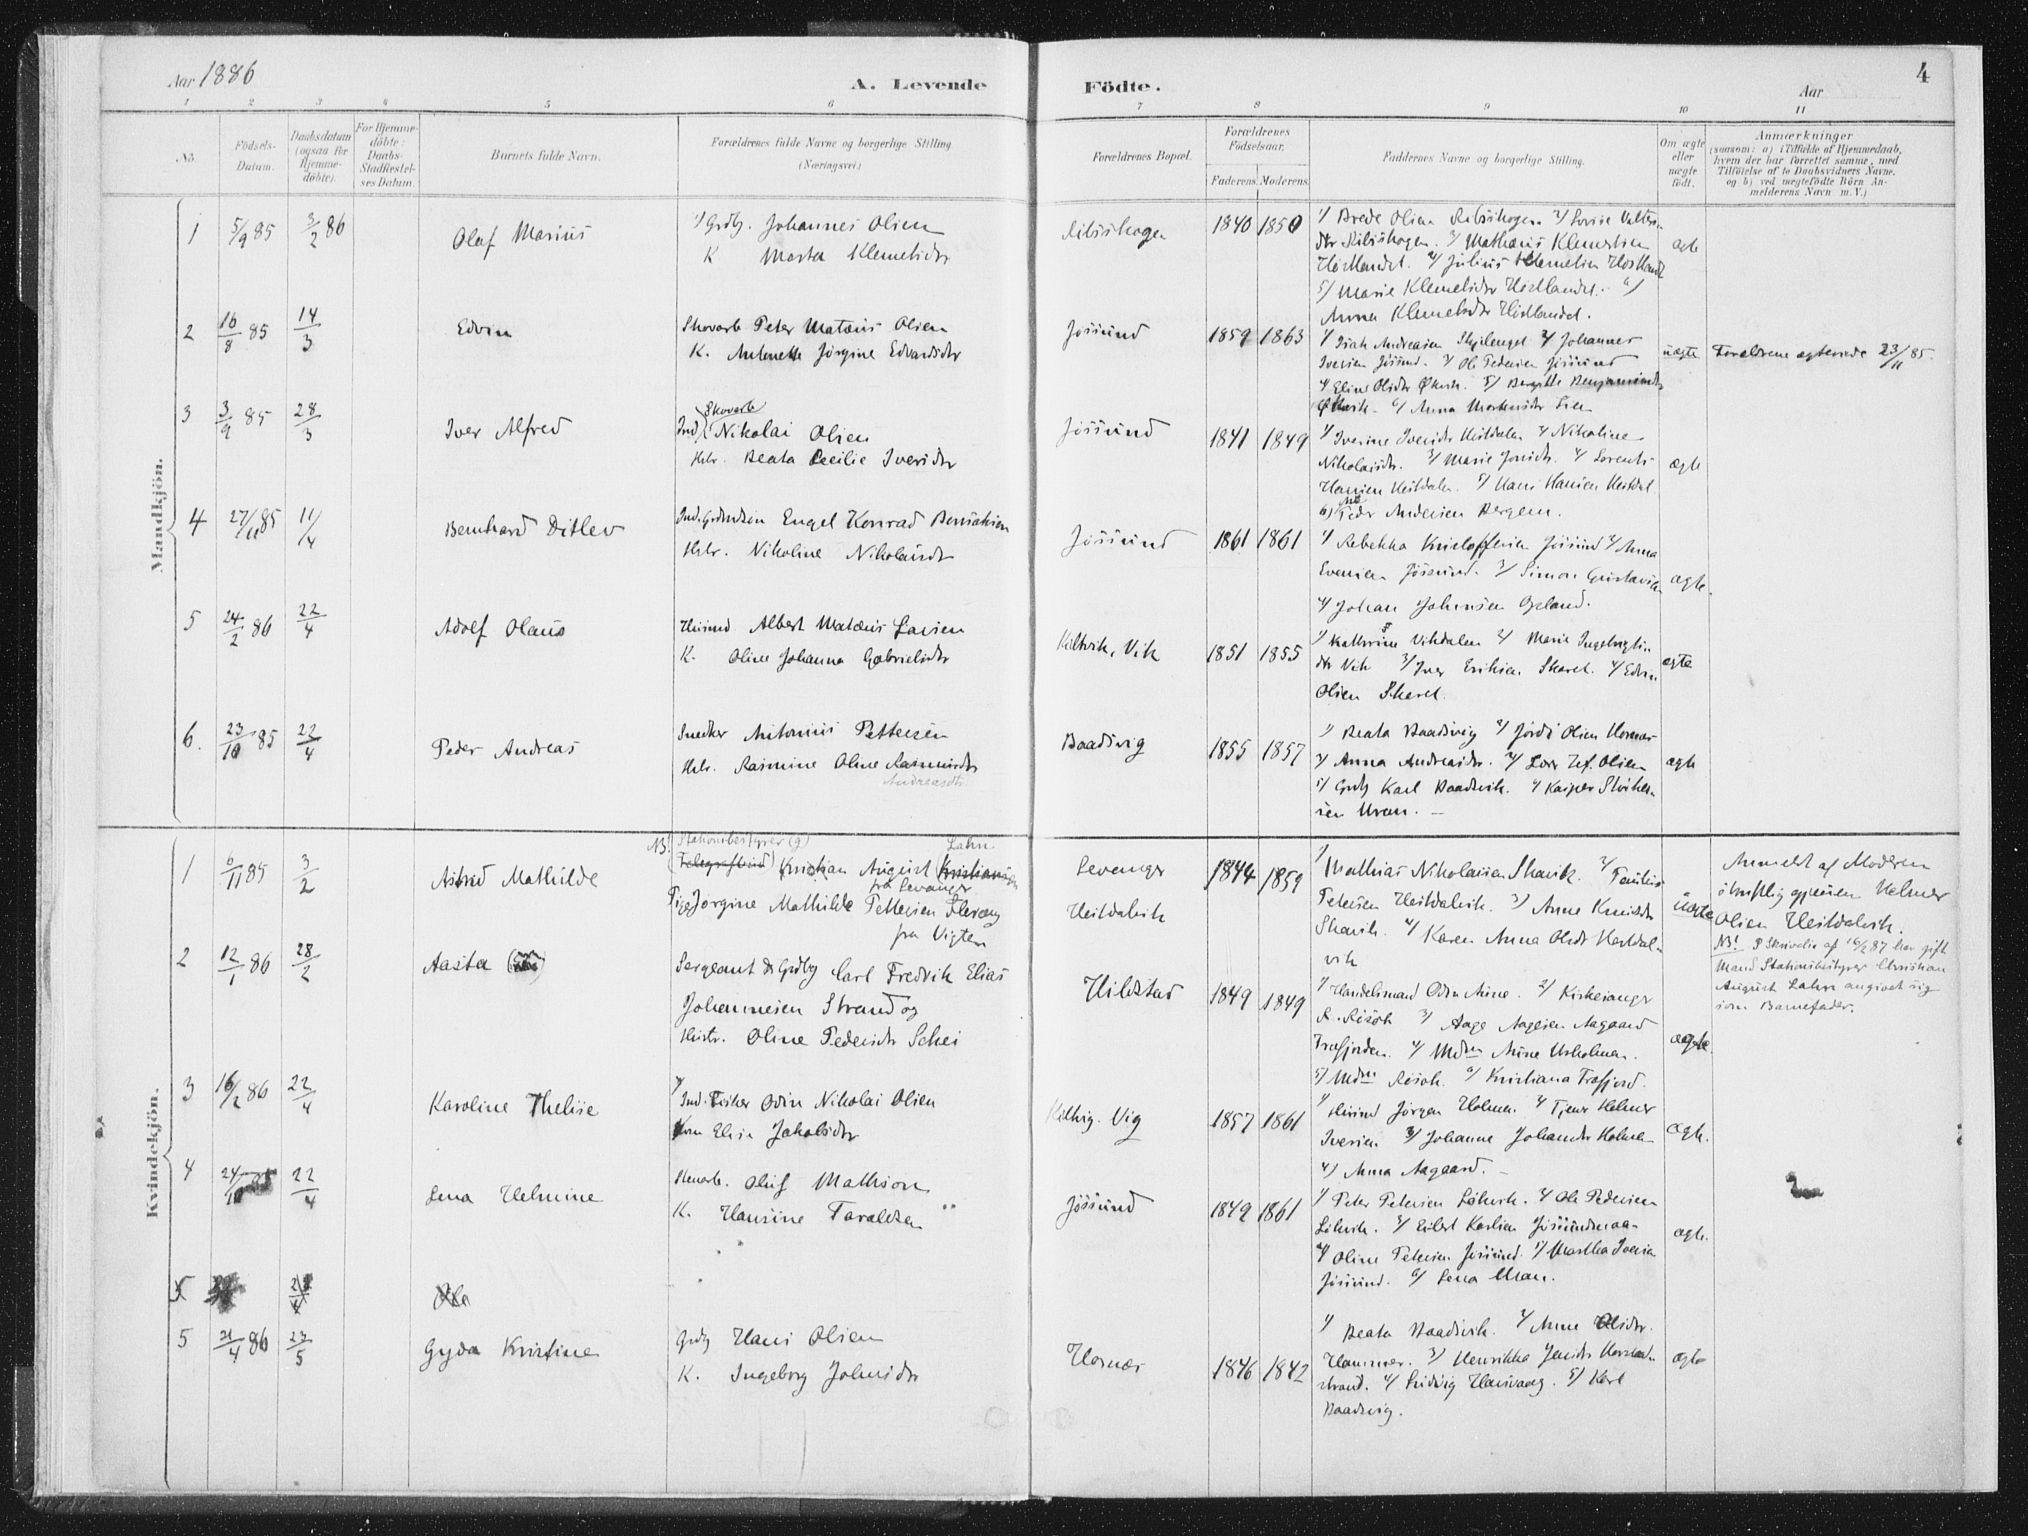 SAT, Ministerialprotokoller, klokkerbøker og fødselsregistre - Nord-Trøndelag, 771/L0597: Ministerialbok nr. 771A04, 1885-1910, s. 4